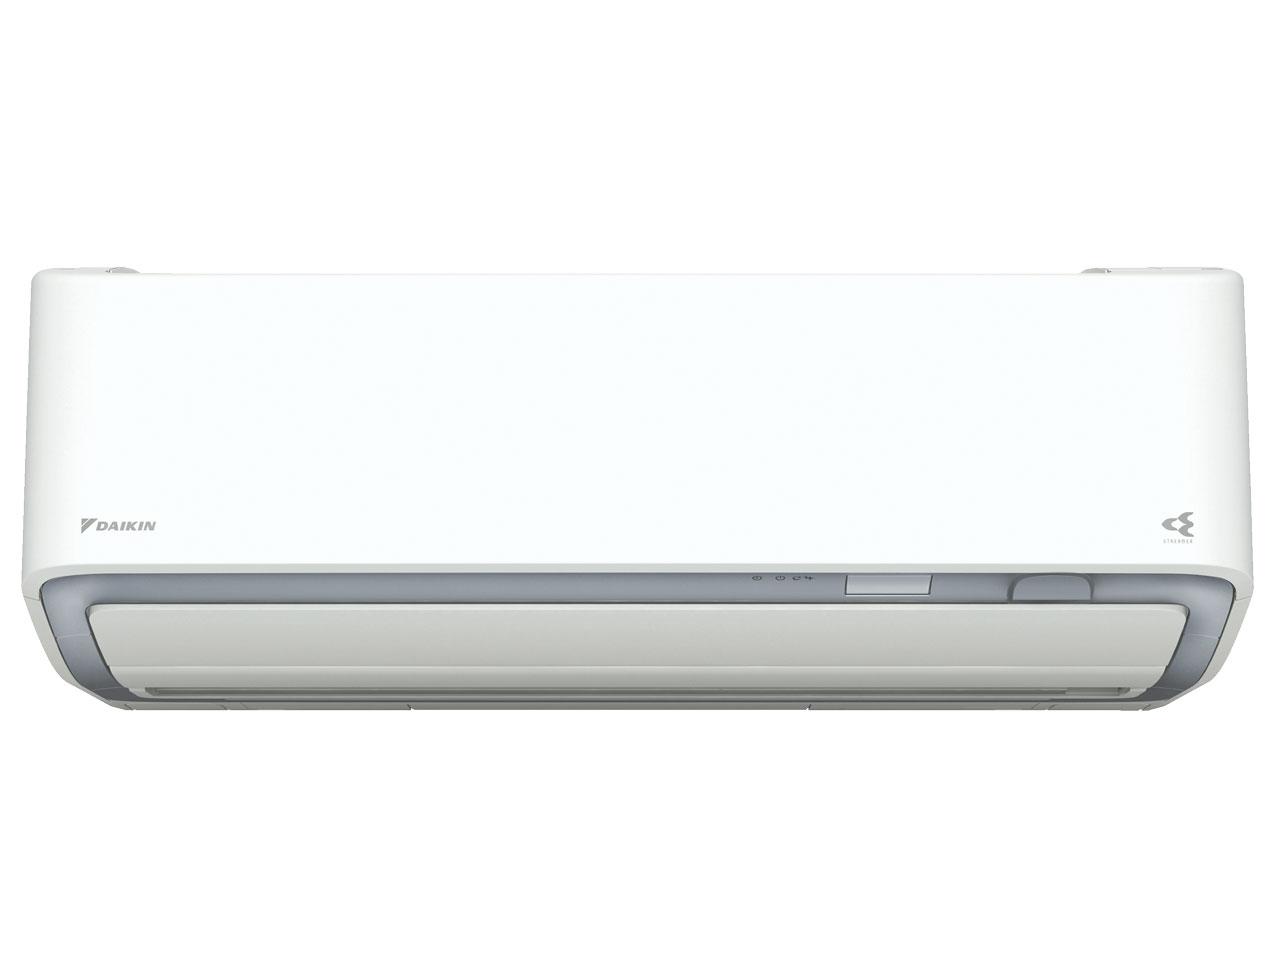 ダイキン 19年モデル AXシリーズ S56WTAXP-W 【200V用】18畳用冷暖房除湿エアコン